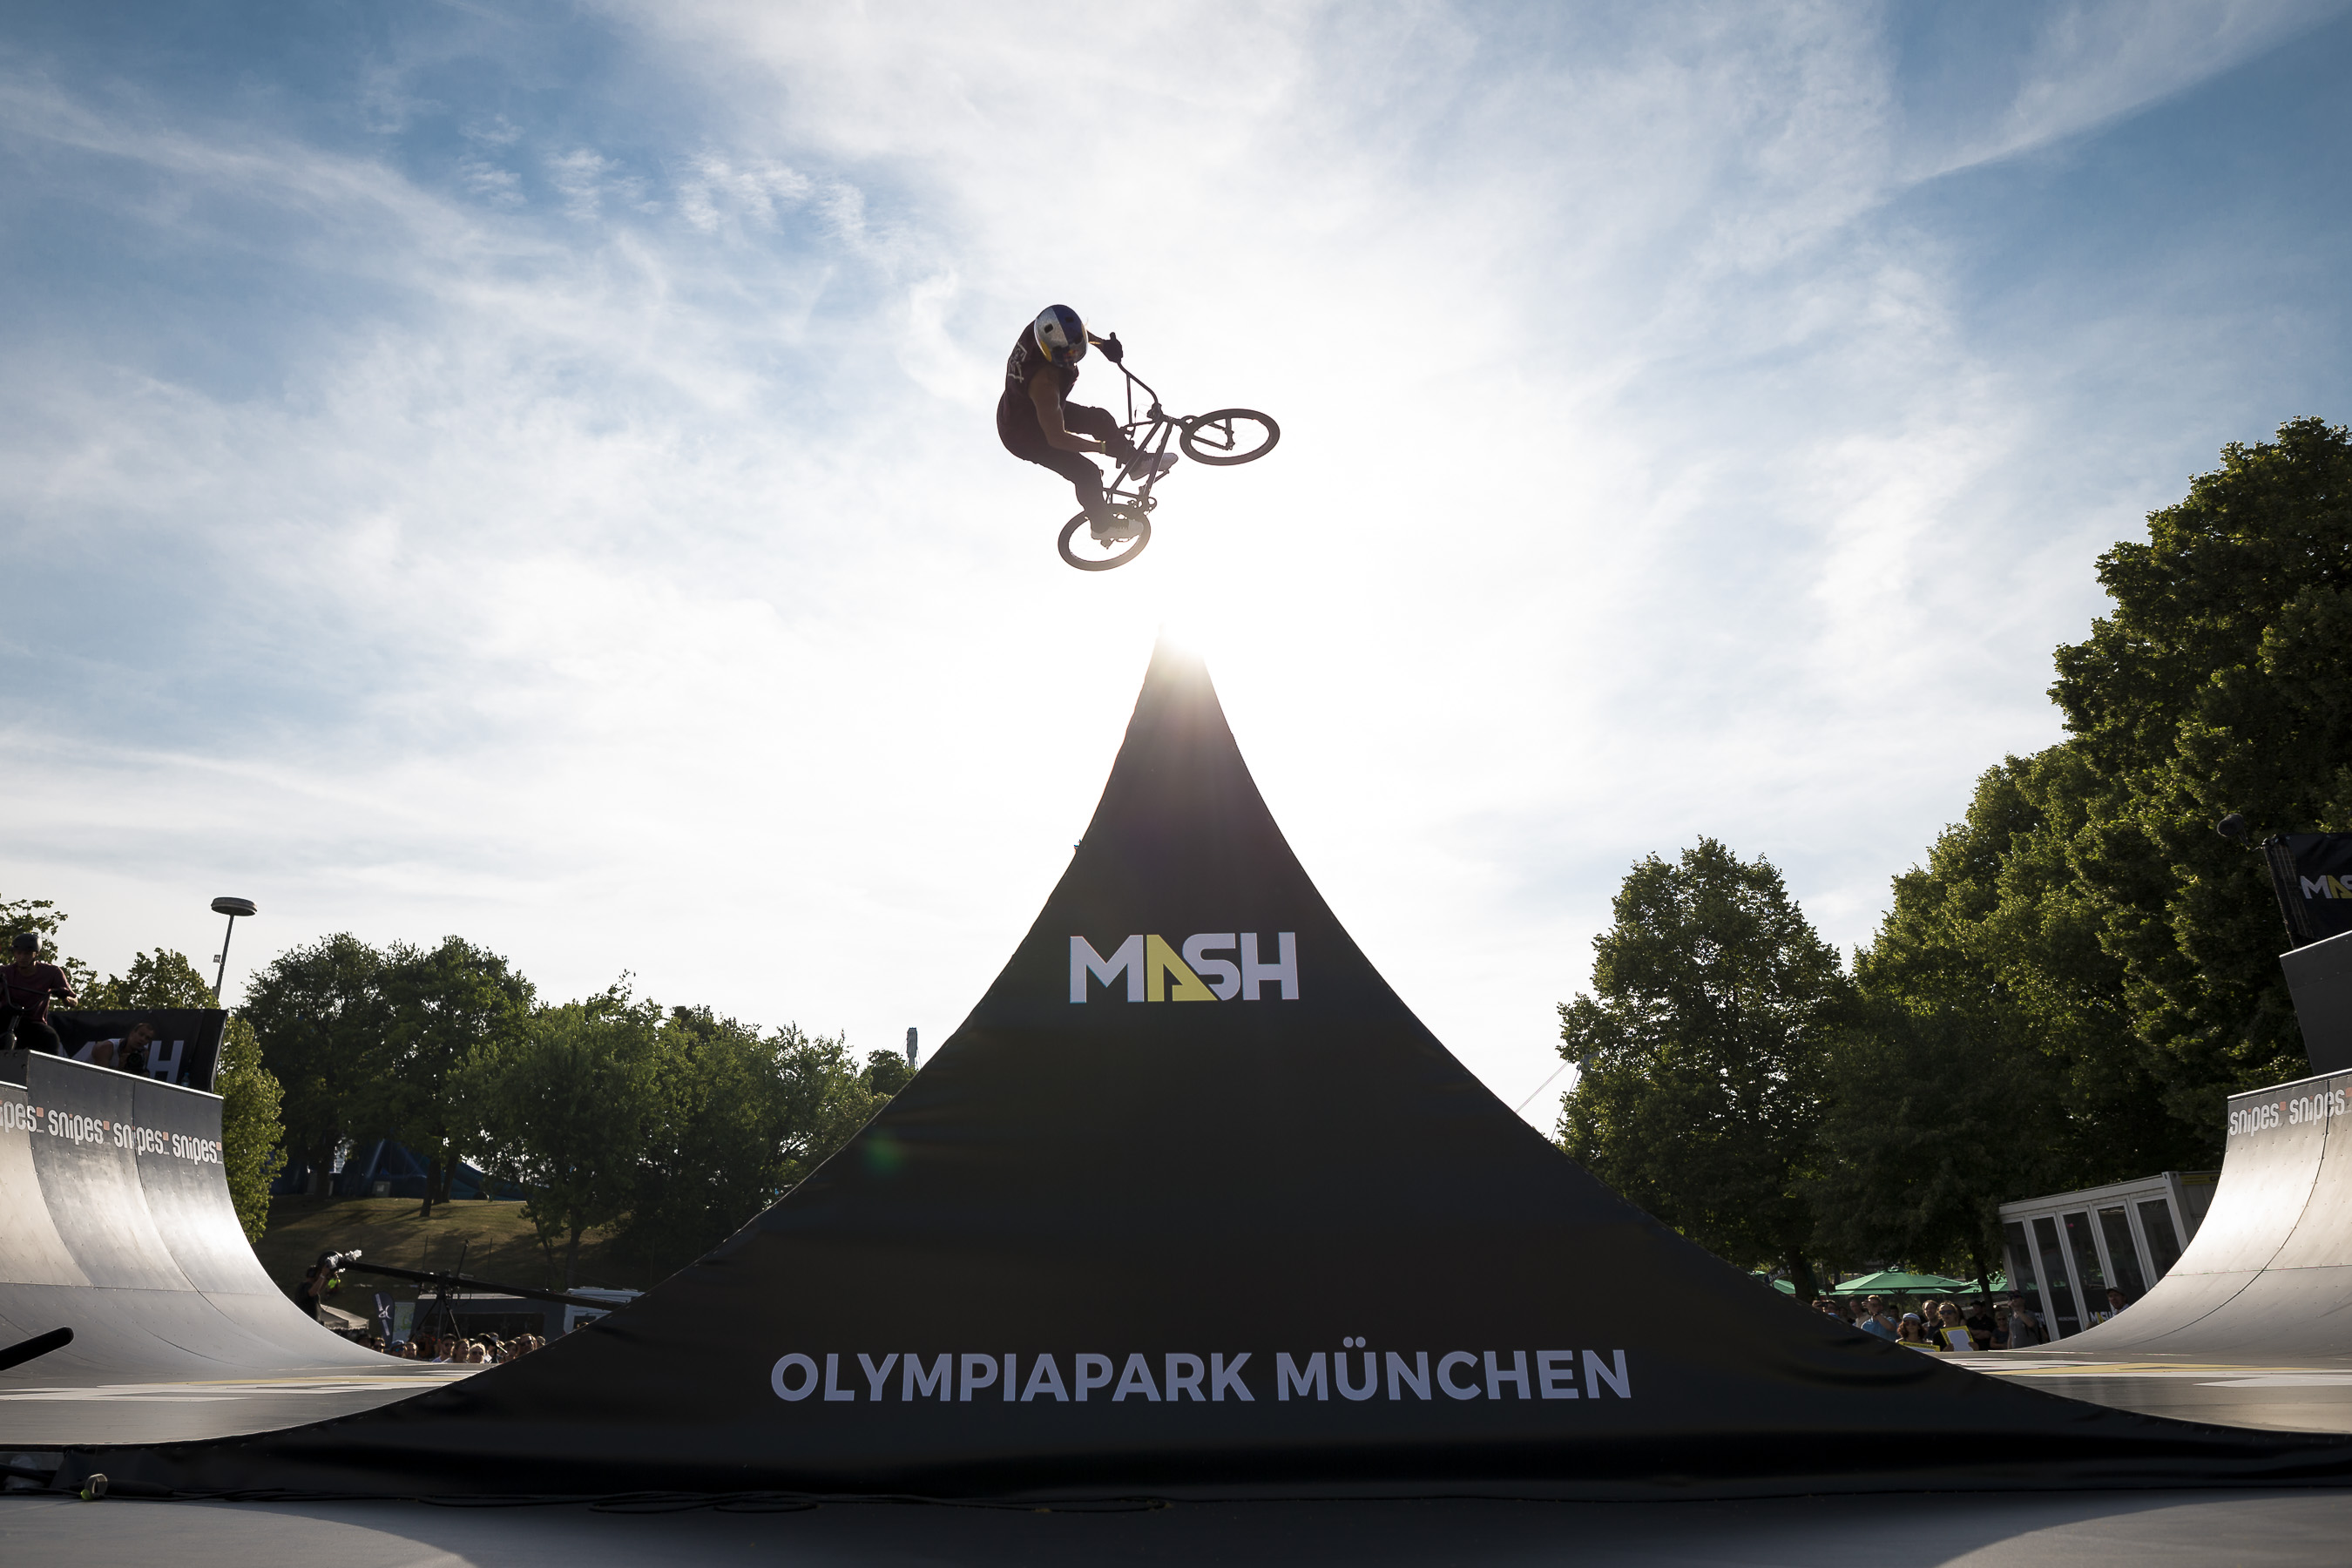 Portfolio(20170623 – Munich Mash BMX Spine Ramp – 240)